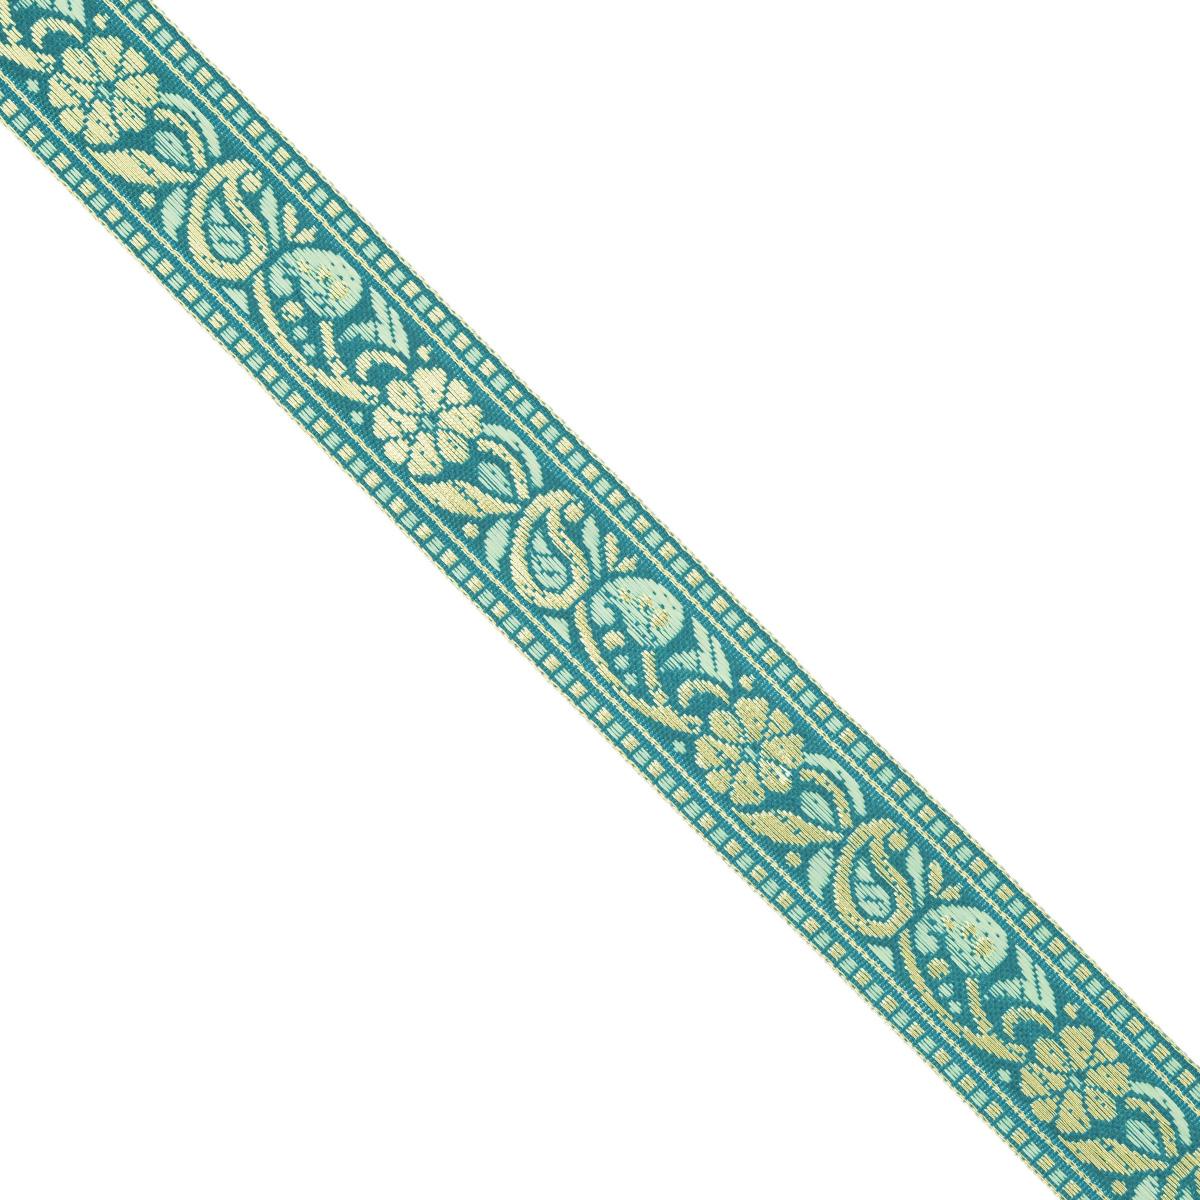 Тесьма декоративная Астра, цвет: бирюзовый (А13), ширина 2,5 см, длина 16,4 м. 77033267703326_A13Декоративная тесьма Астра выполнена из текстиля и оформлена оригинальным орнаментом. Такая тесьма идеально подойдет для оформления различных творческих работ таких, как скрапбукинг, аппликация, декор коробок и открыток и многое другое. Тесьма наивысшего качества и практична в использовании. Она станет незаменимым элементом в создании рукотворного шедевра. Ширина: 2,5 см.Длина: 16,4 м.